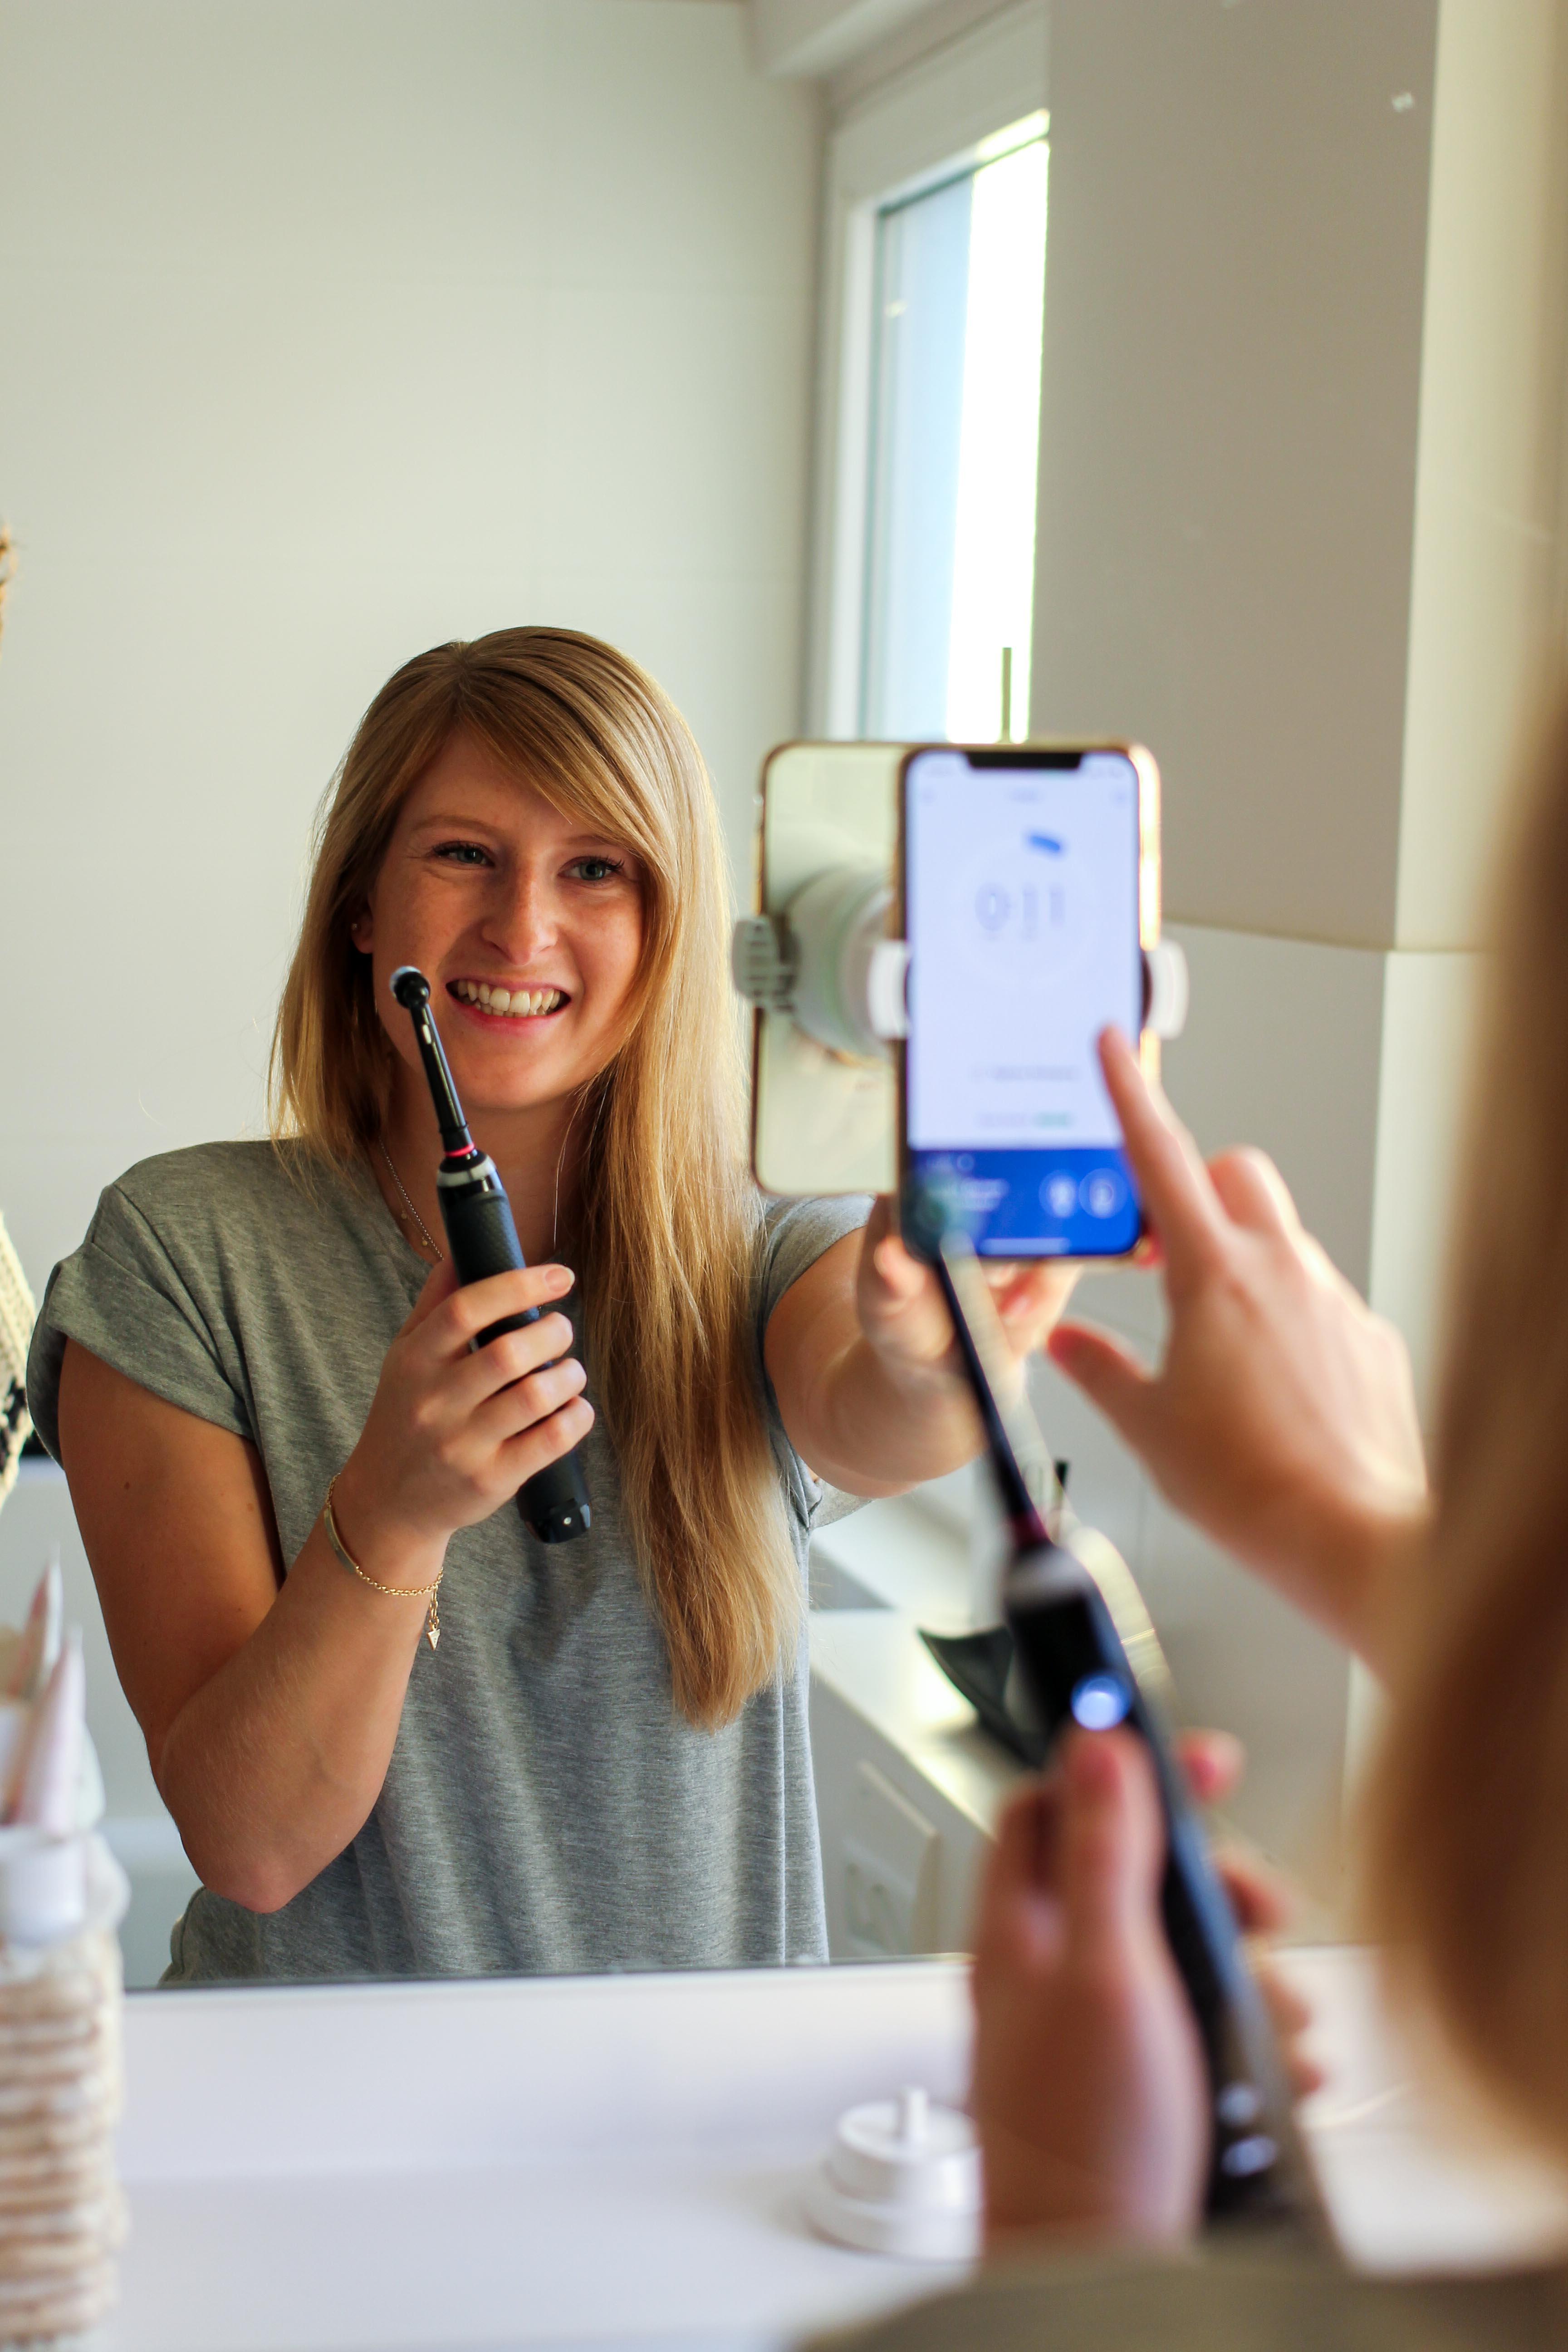 Aldi Adventskalender Gewinnspiel Oral-B Genius 10000N Black Edition ALDIventskalender elektrische Zahnbürste Weihnachtsgeschenk Blog Anwendung App 3